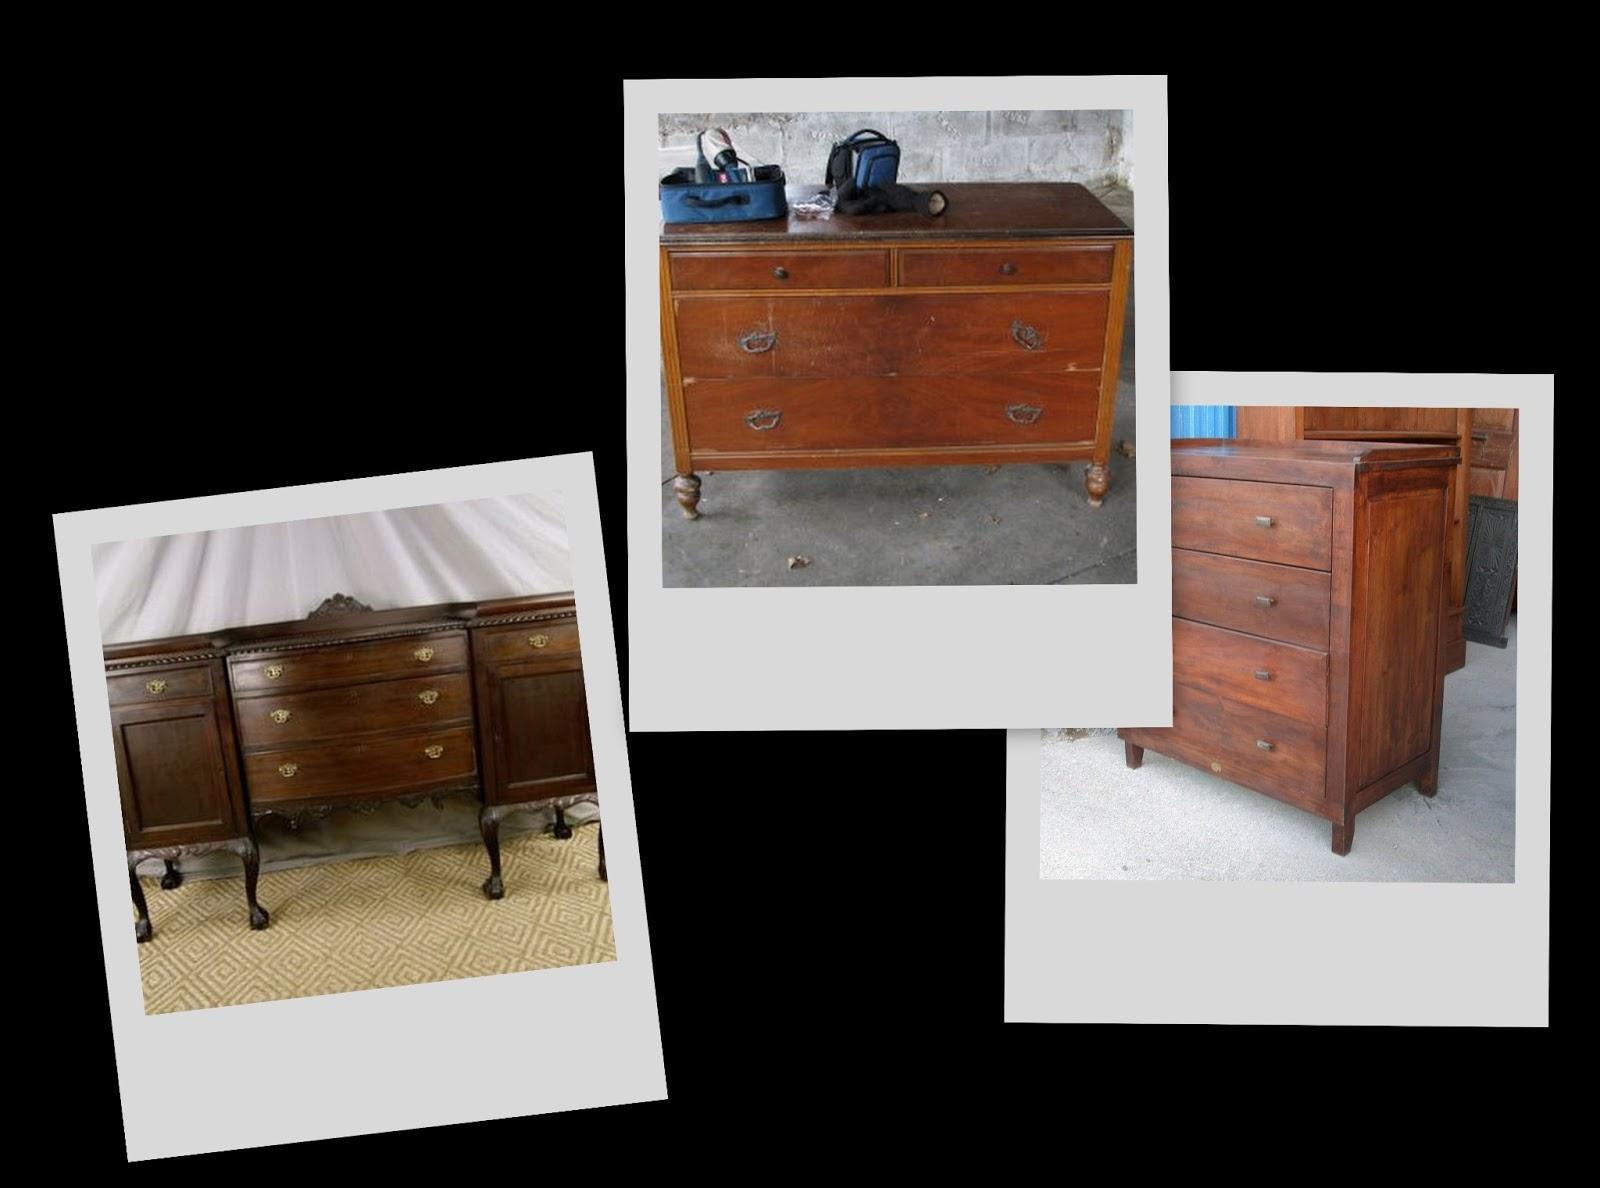 Reciclado de muebles comodas restauraci n de muebles nave jardin - Muebles pintados en plata ...